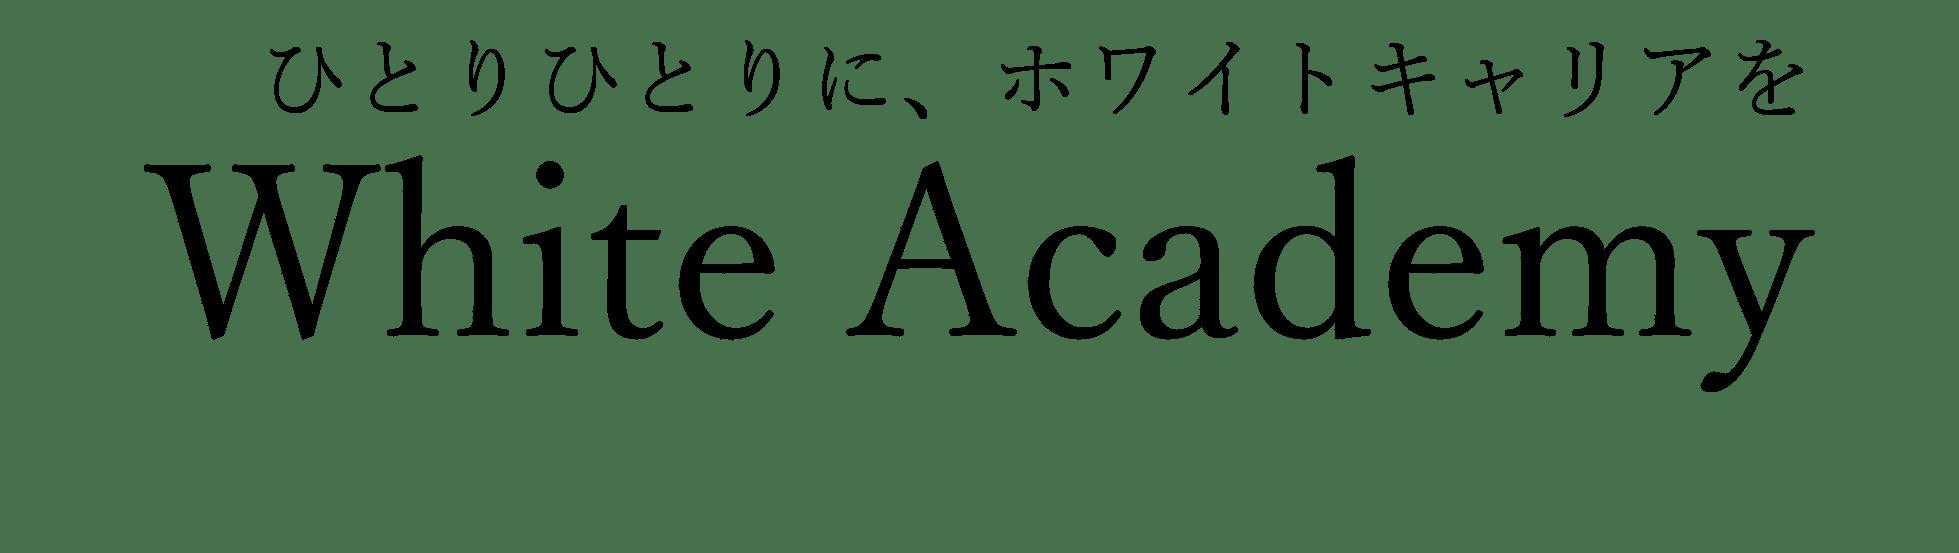 就活塾はホワイトアカデミー 一流・ホワイト企業内定率No1